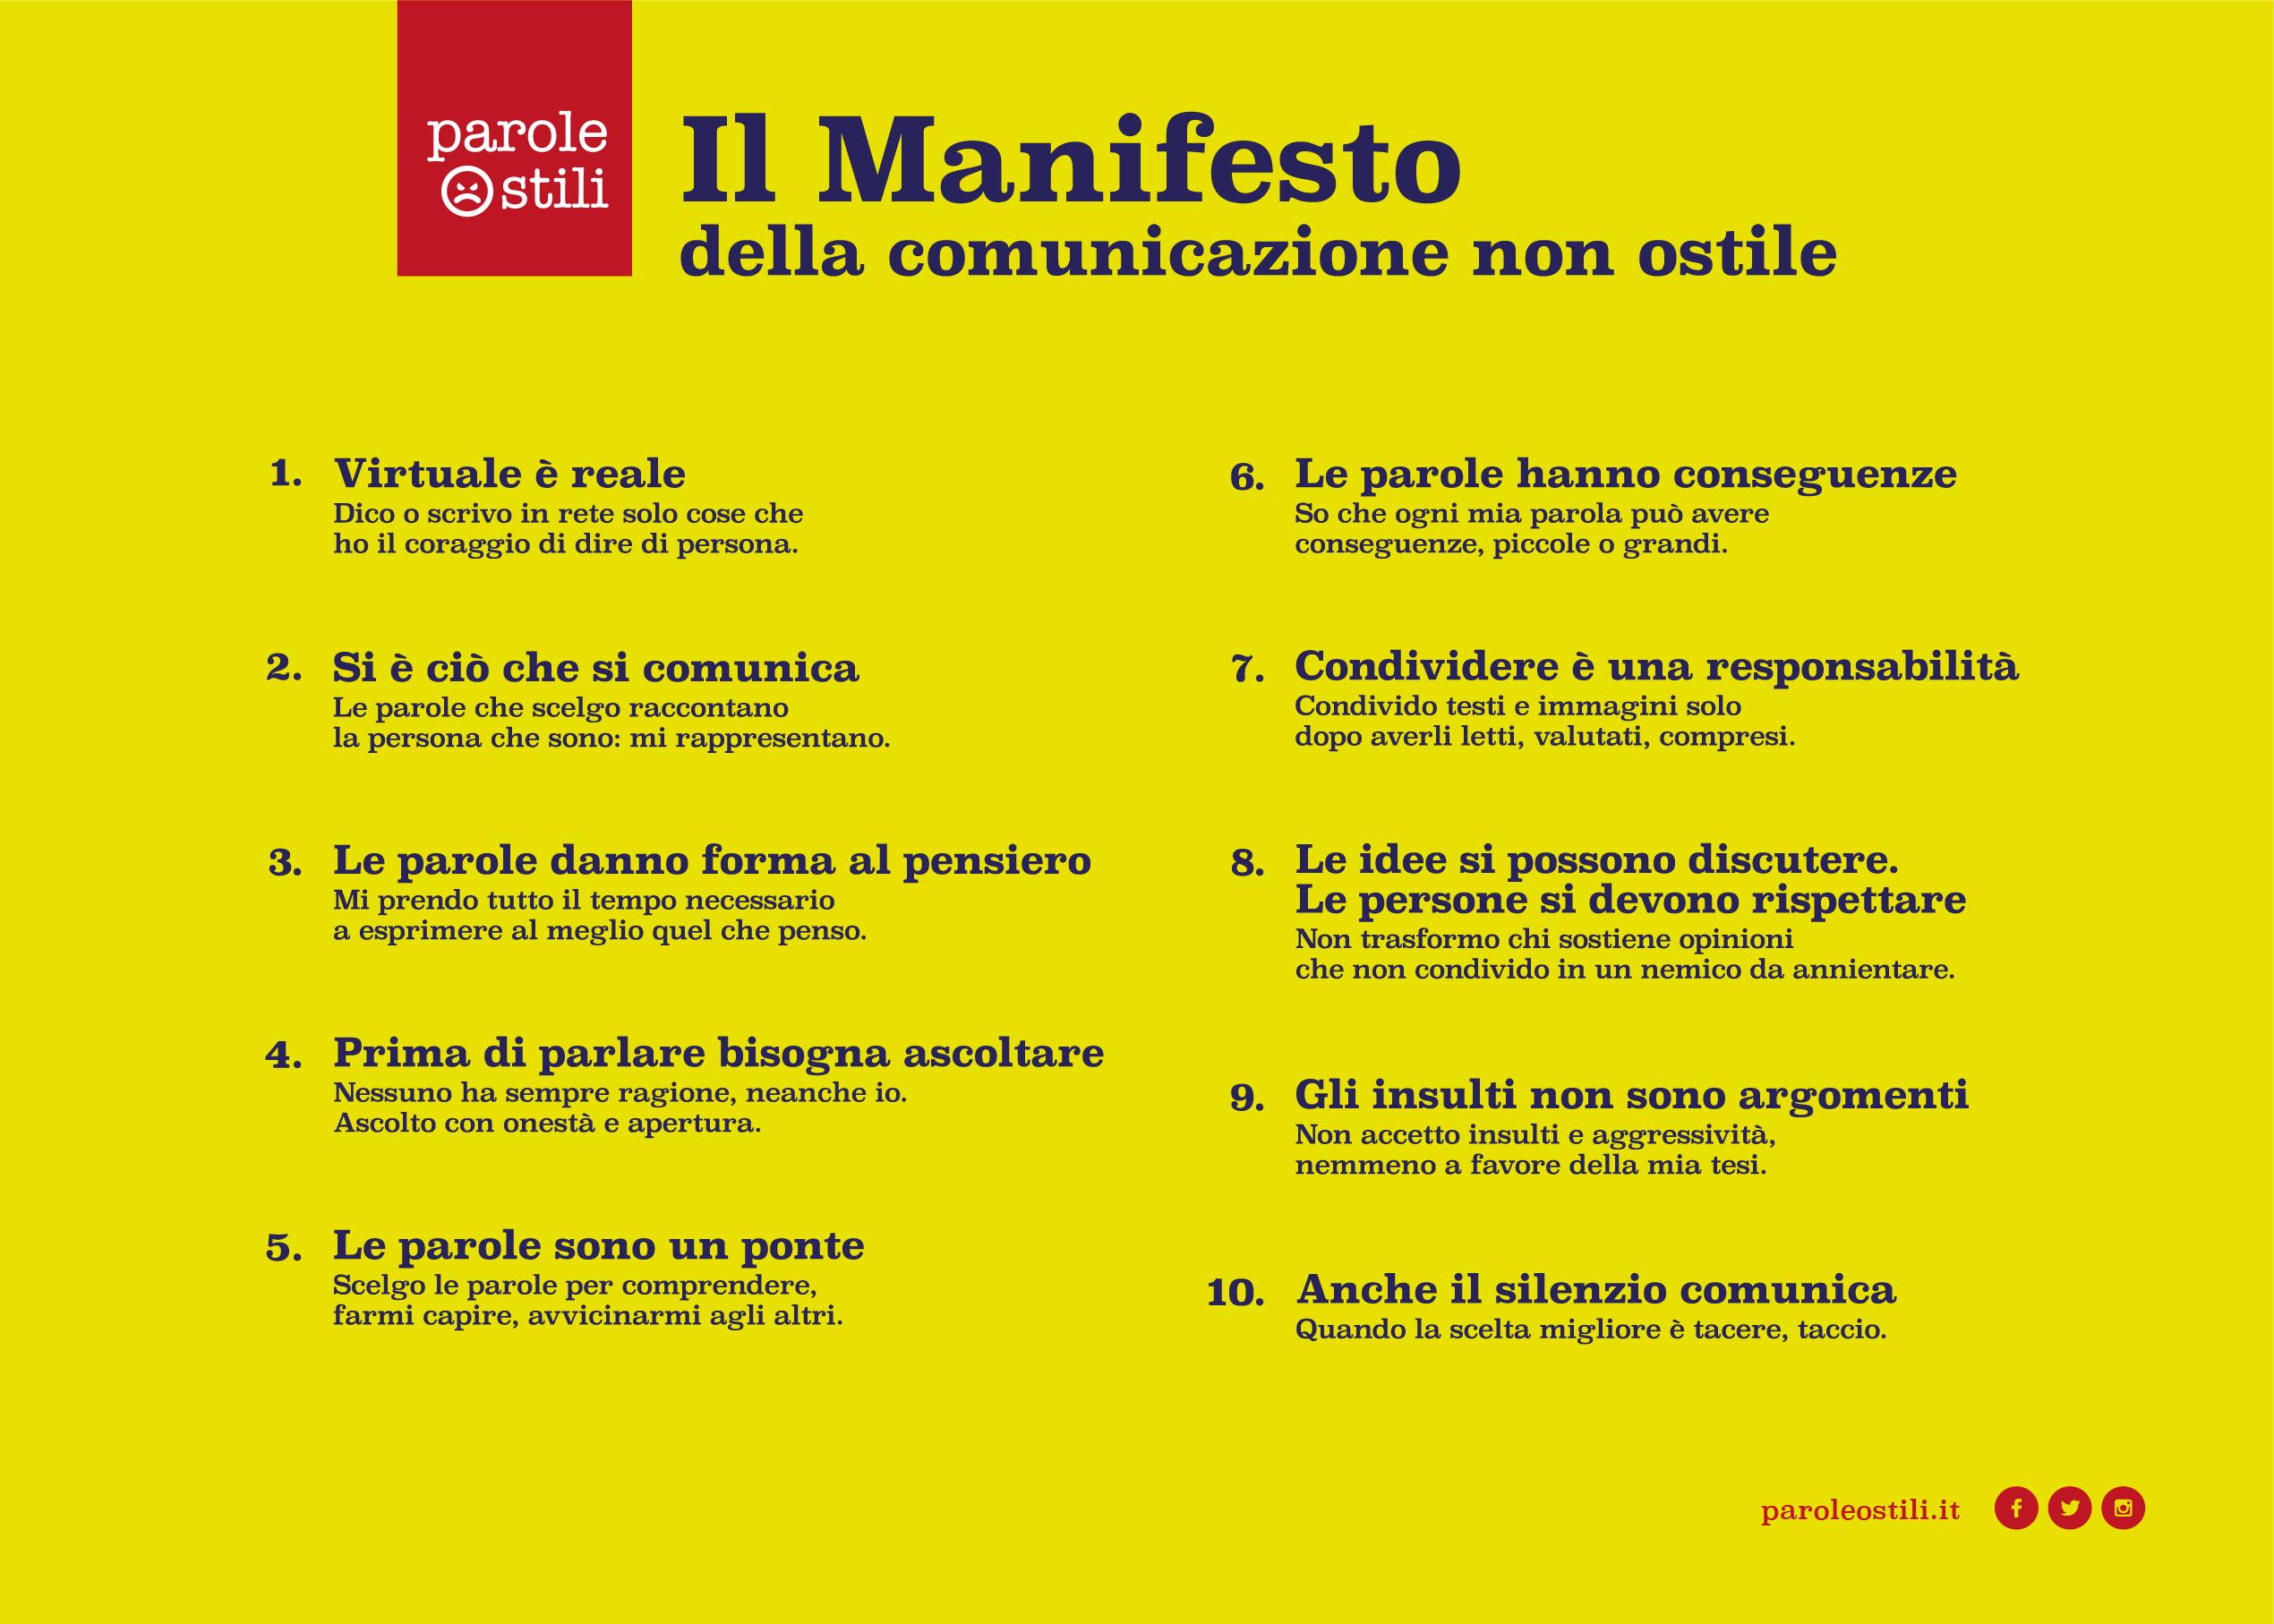 03.Il-Manifesto-della-comunicazione-non-ostile.png